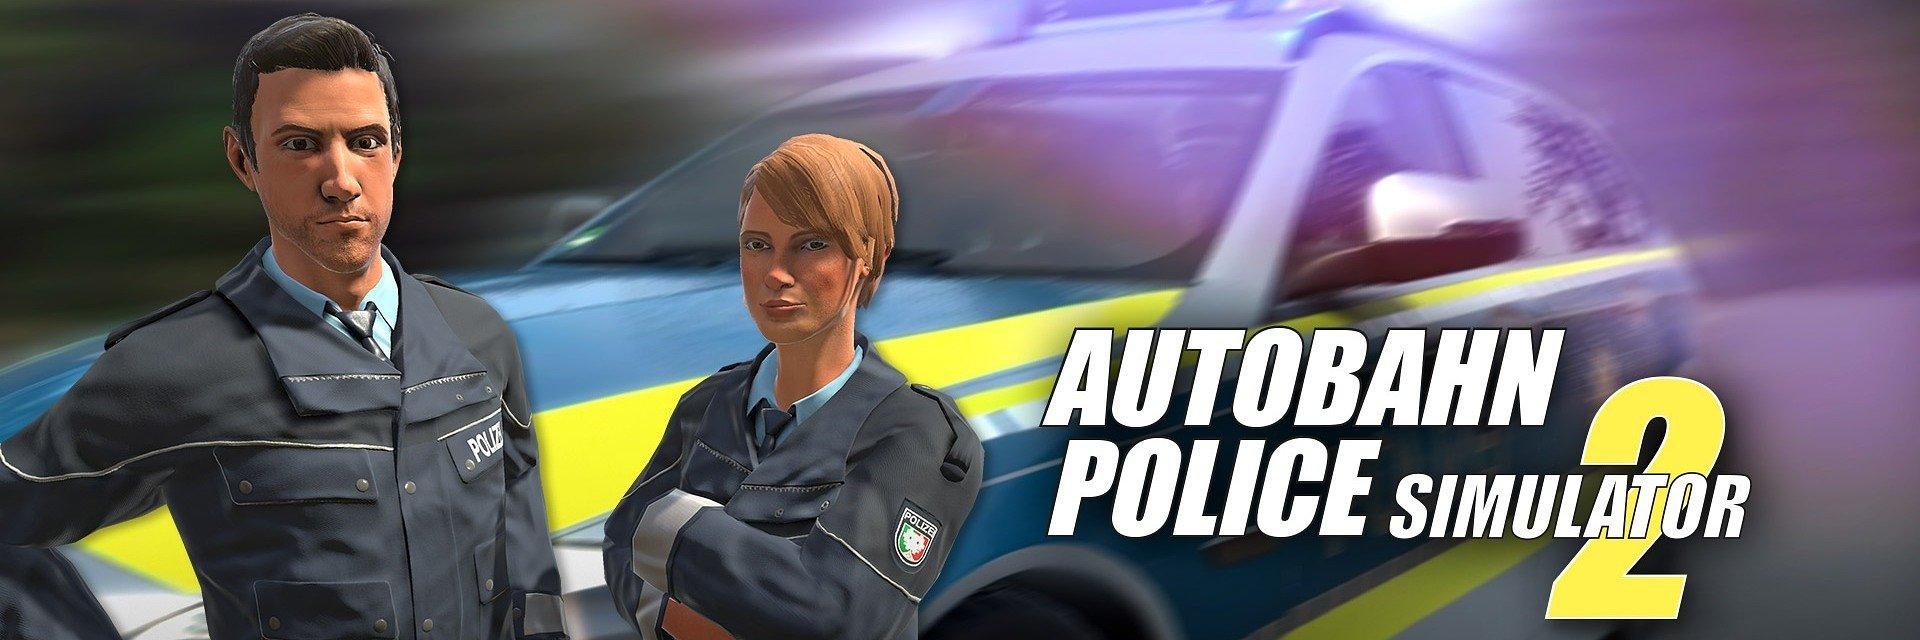 Игра Autobahn Police Simulator 2 вышла сегодня на Xbox One!